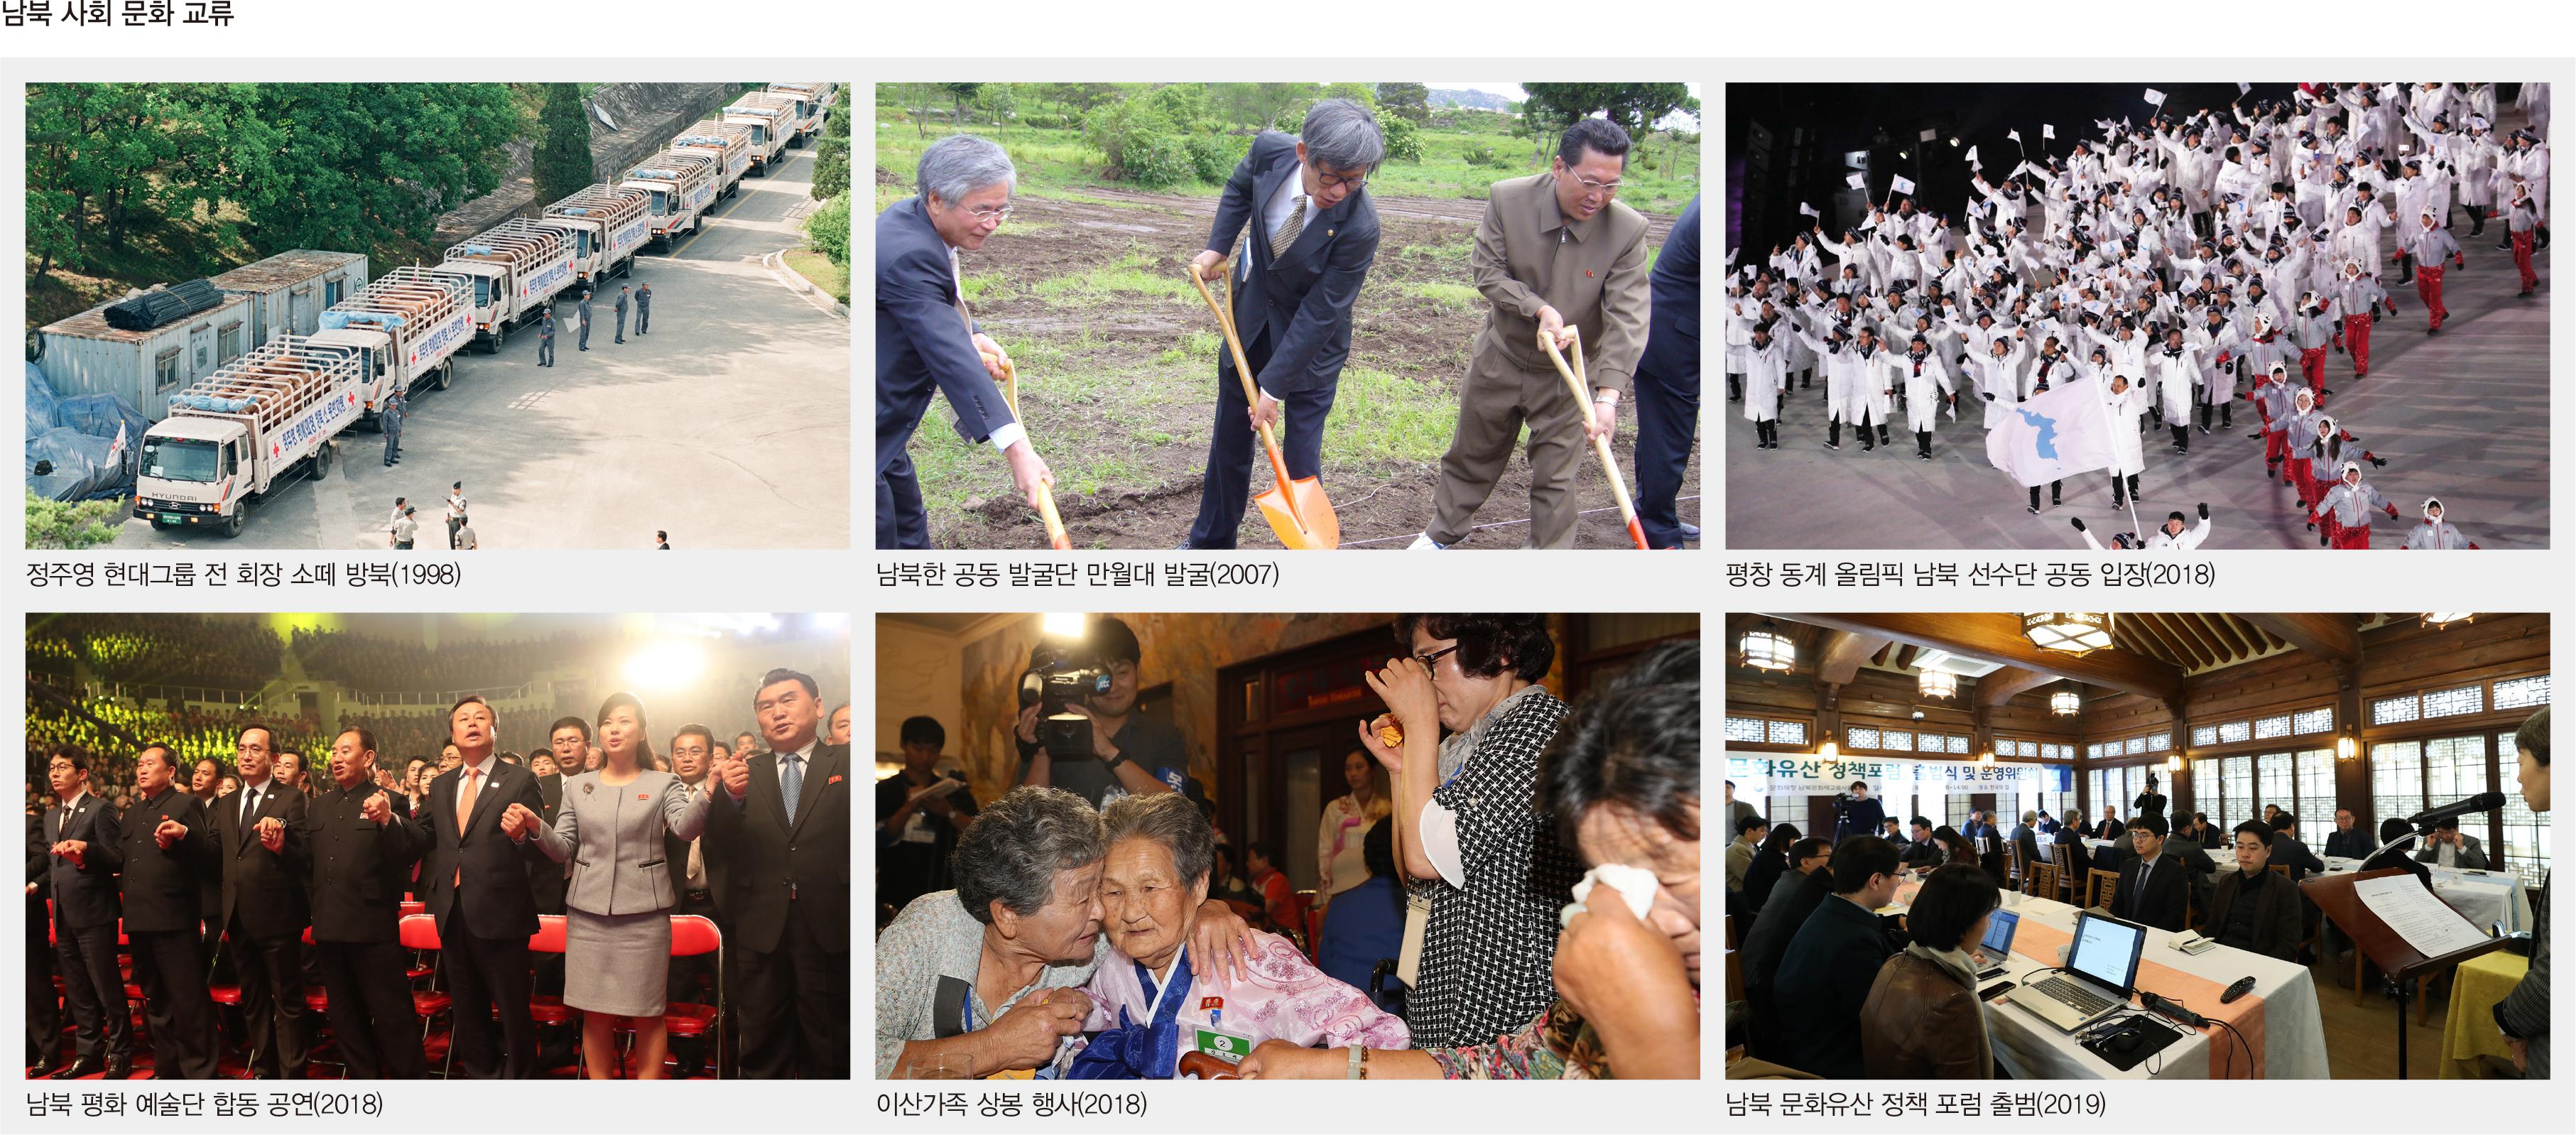 남북 사회 문화 교류